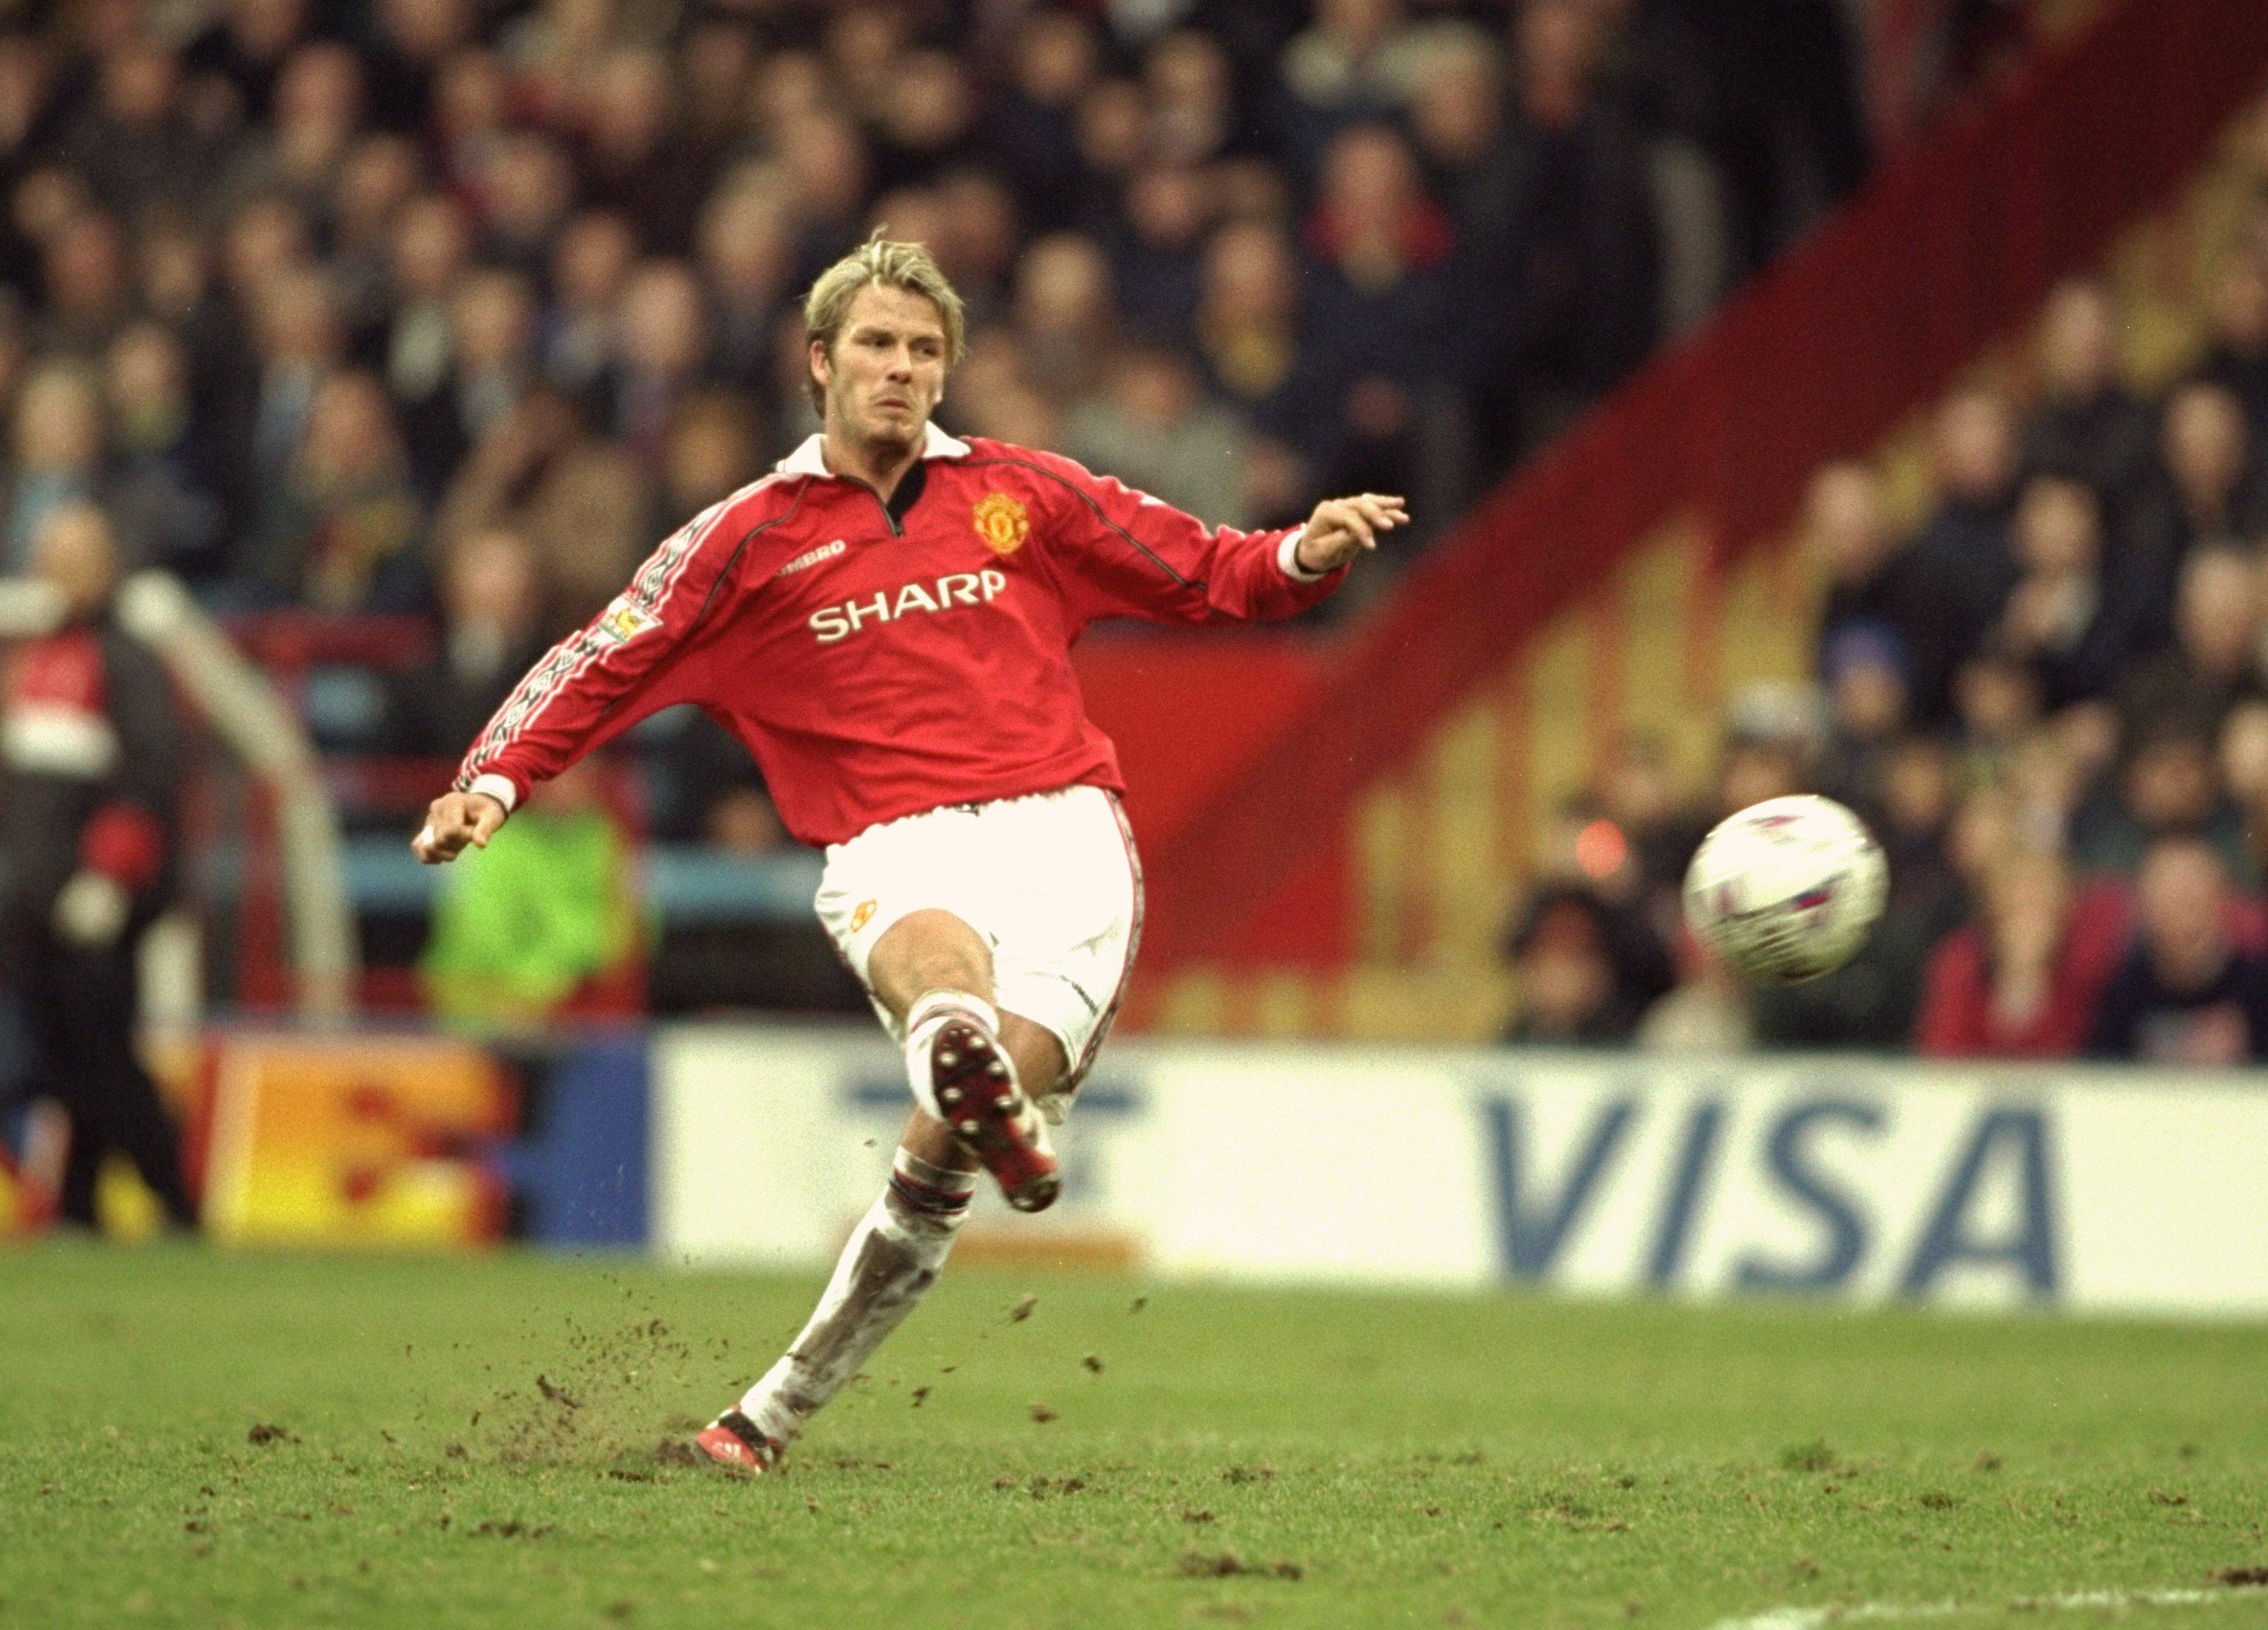 Các bàn thắng của David Beckham trong màu áo Manchester United